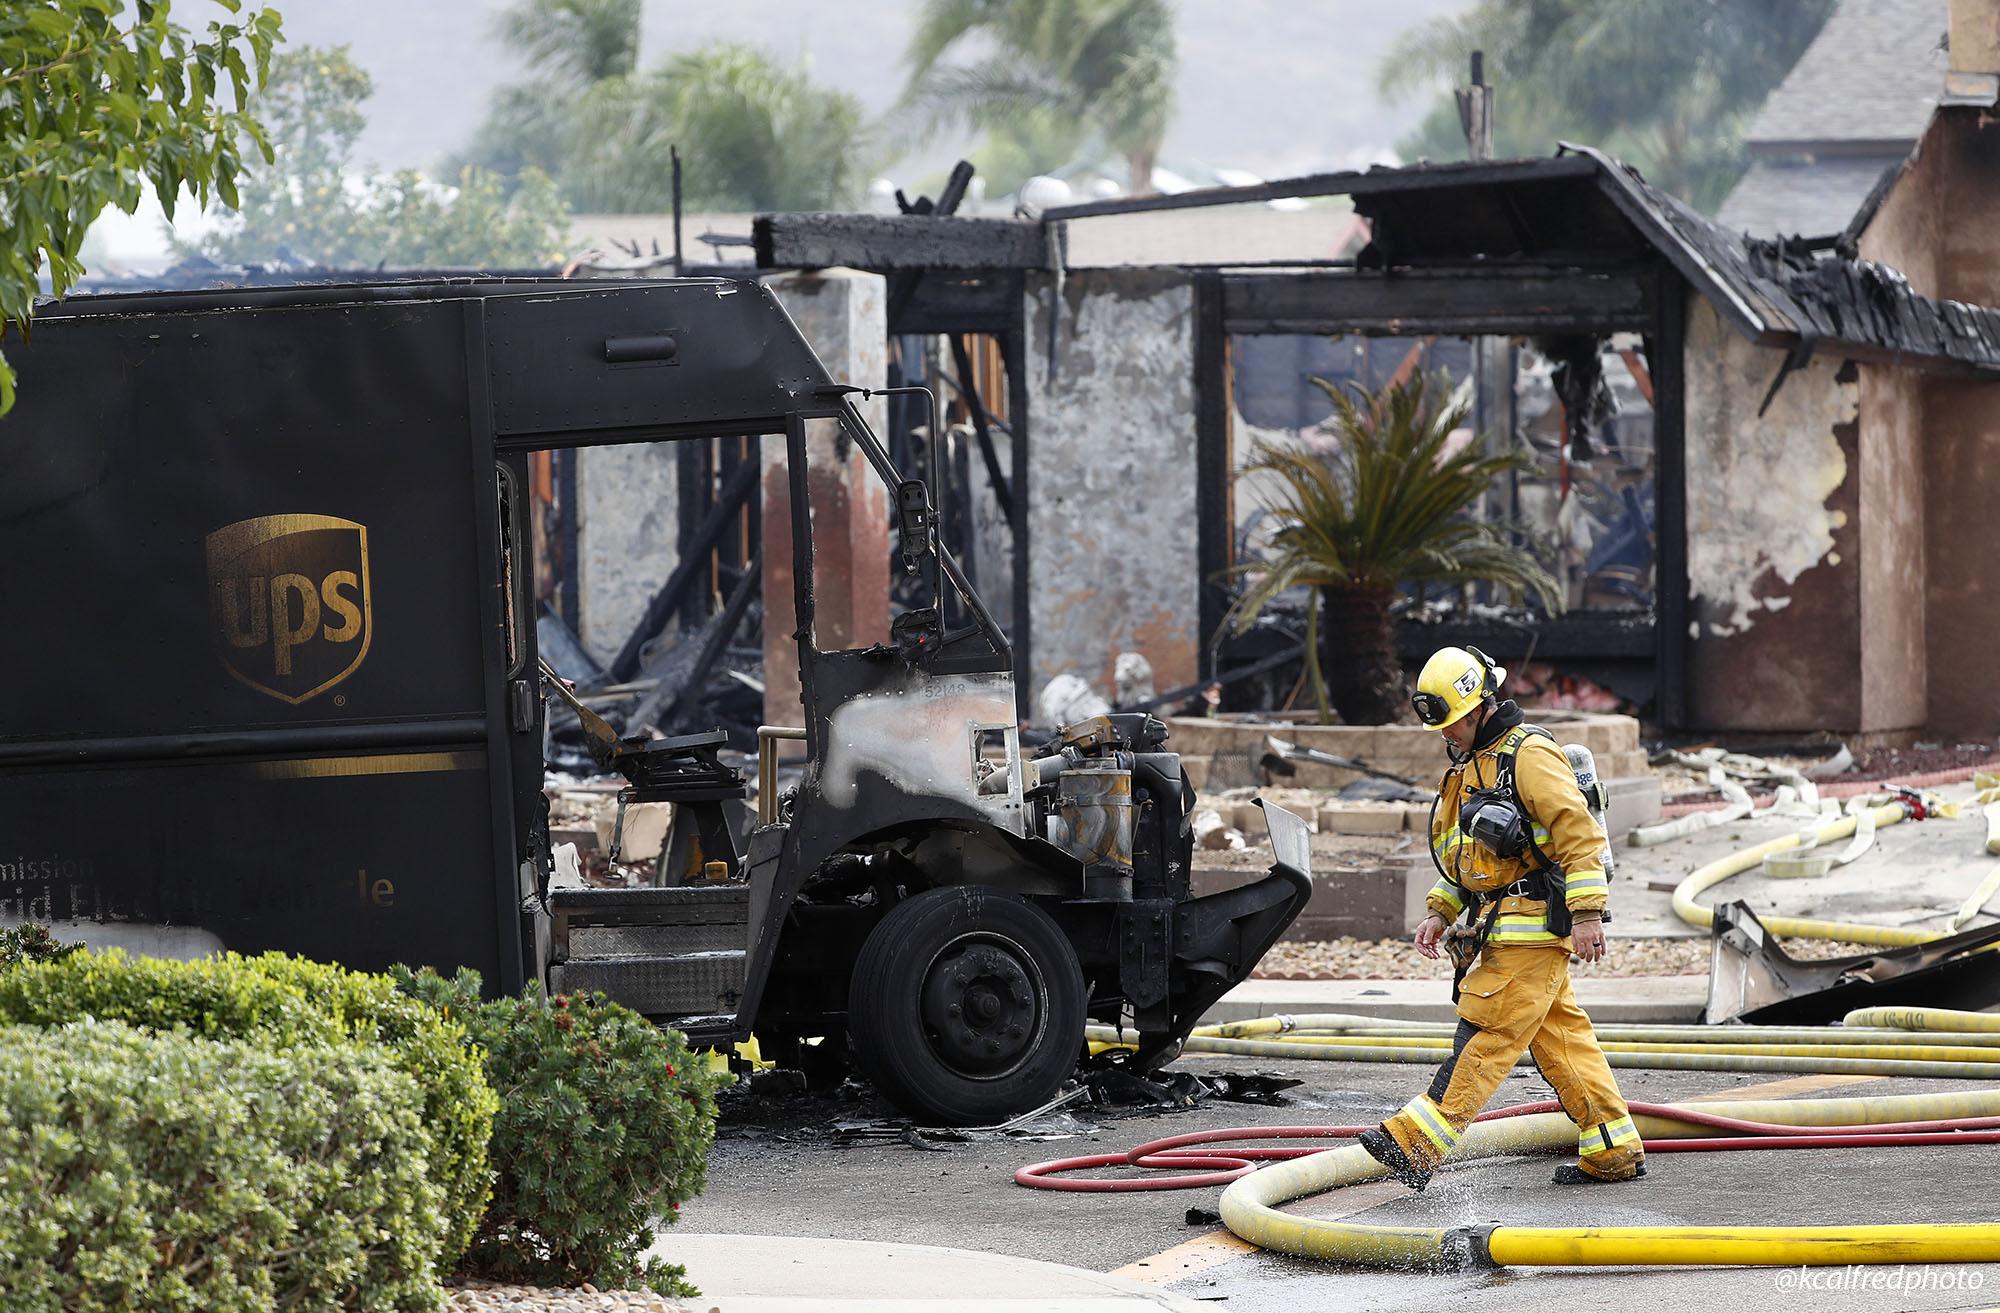 Погибшие люди и уничтоженные дома: что известно о крушении самолета в США - фото 2